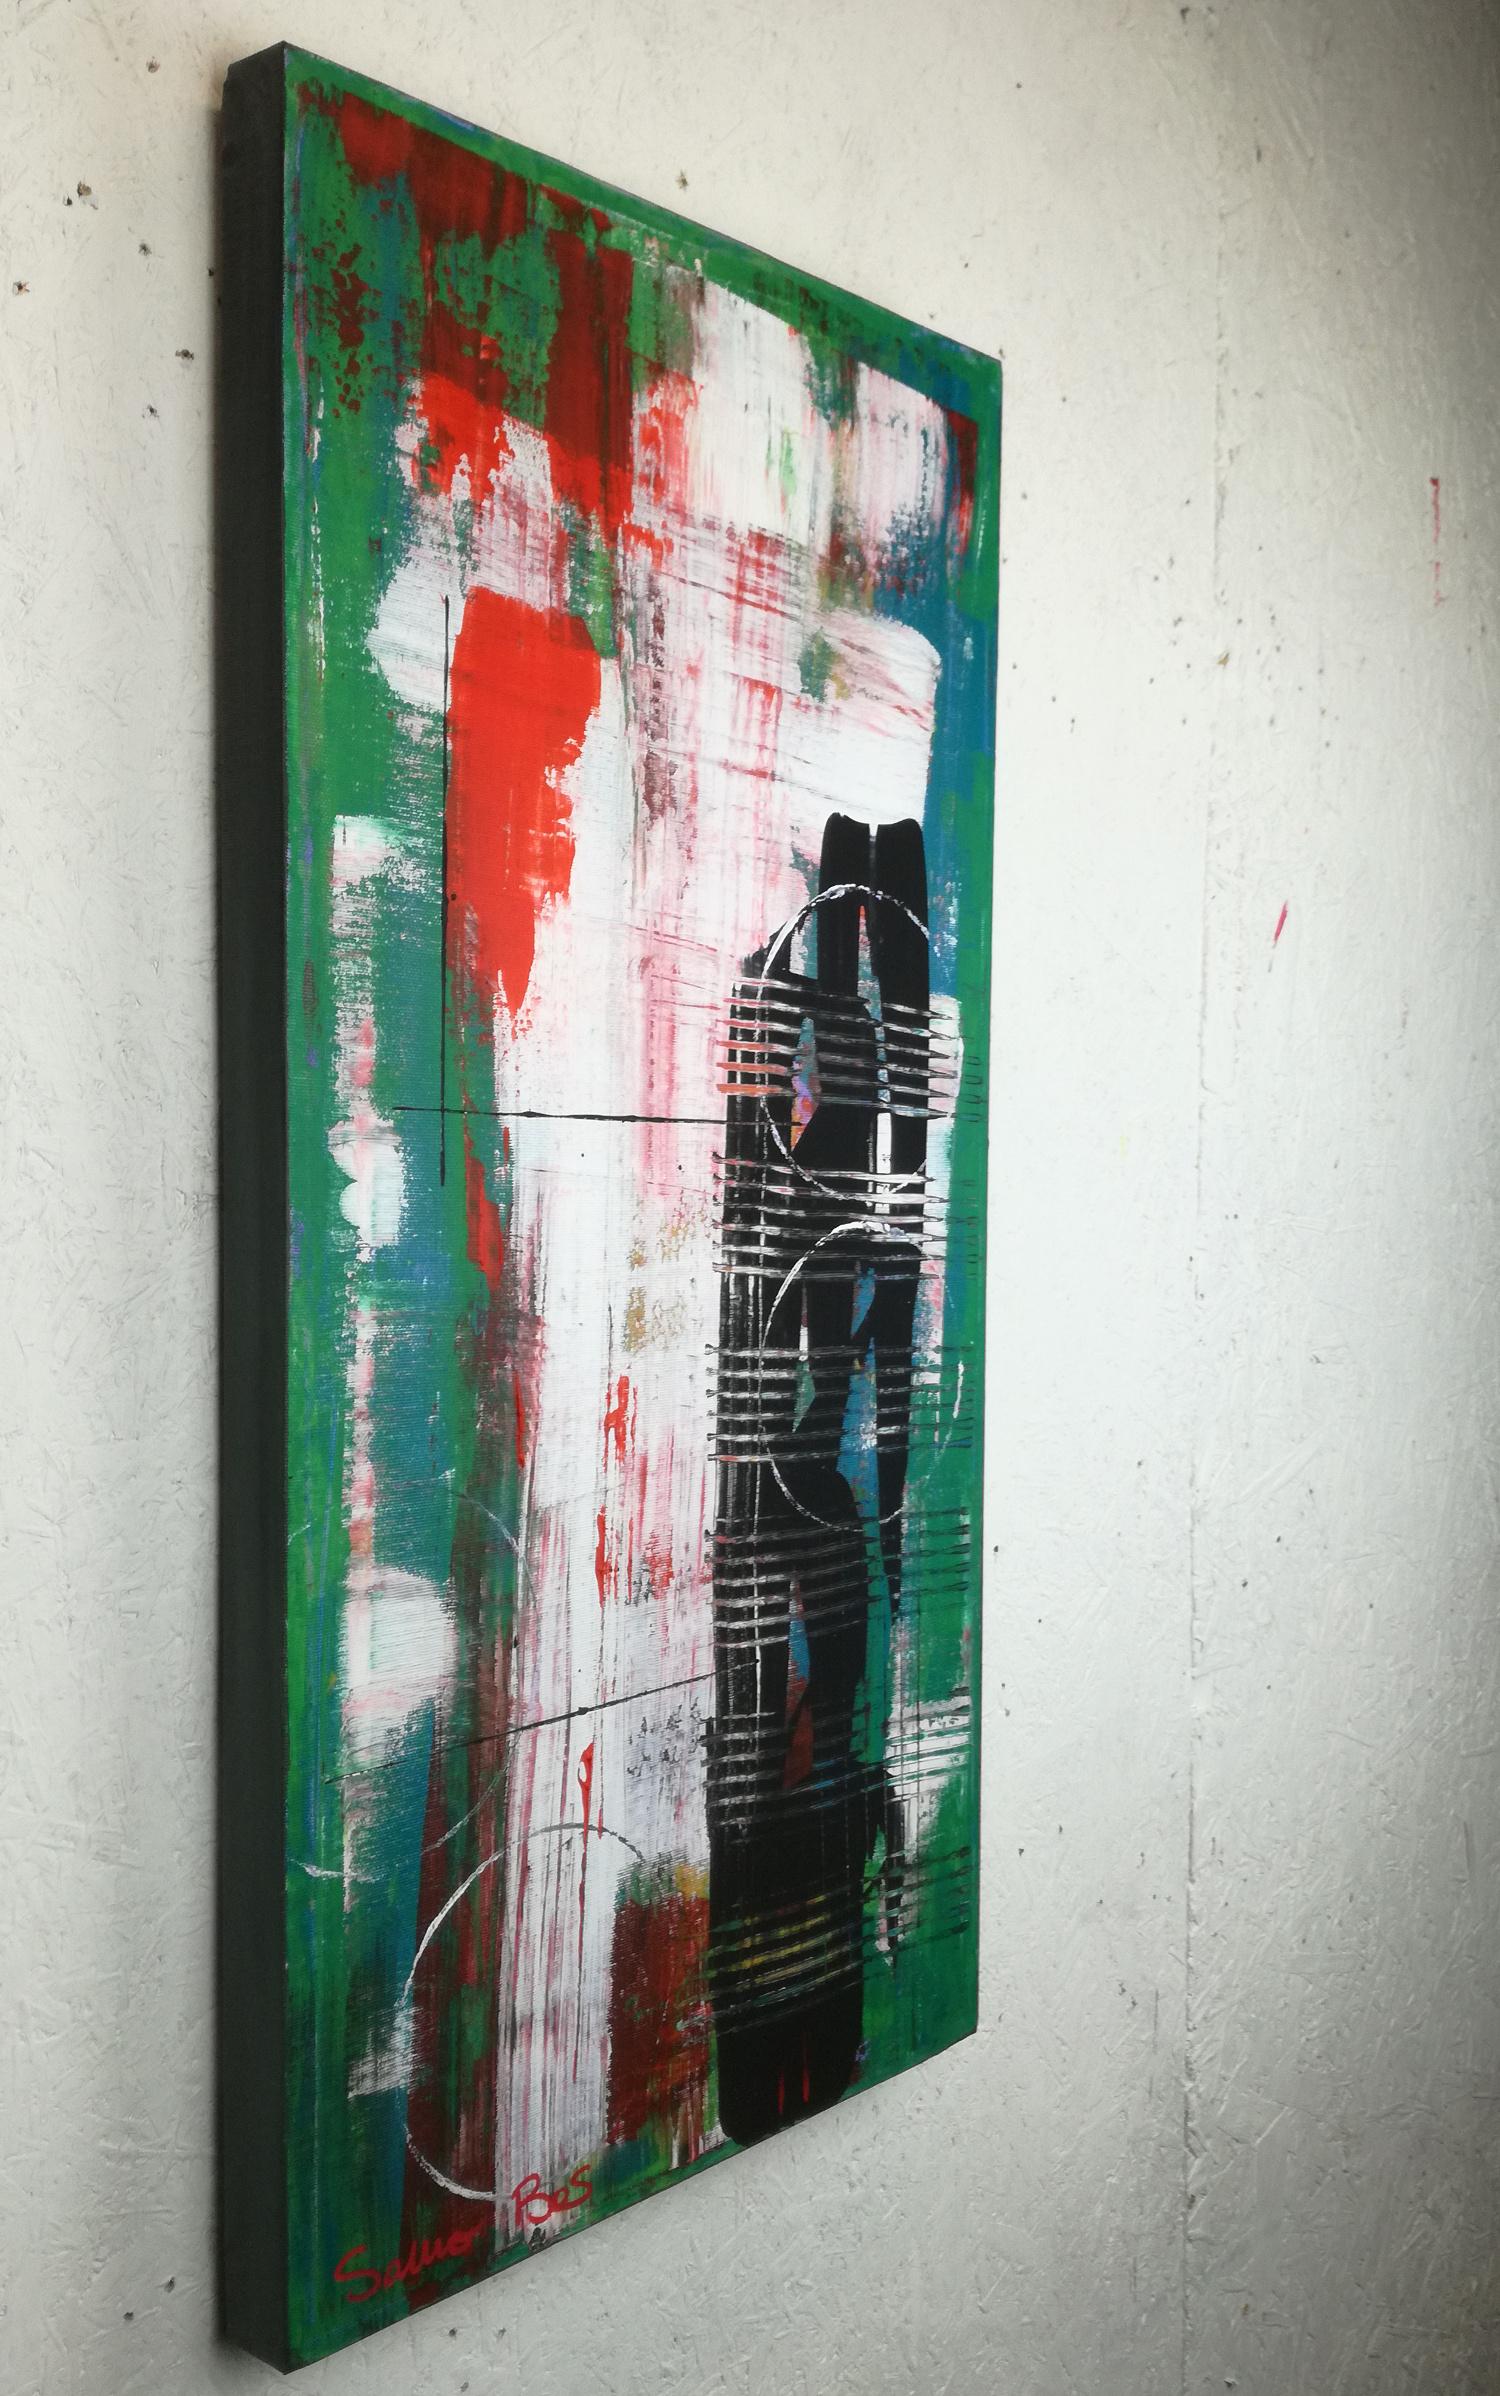 astratto green c031 - dipinti astratti fatti a mano 70x35olio su tela